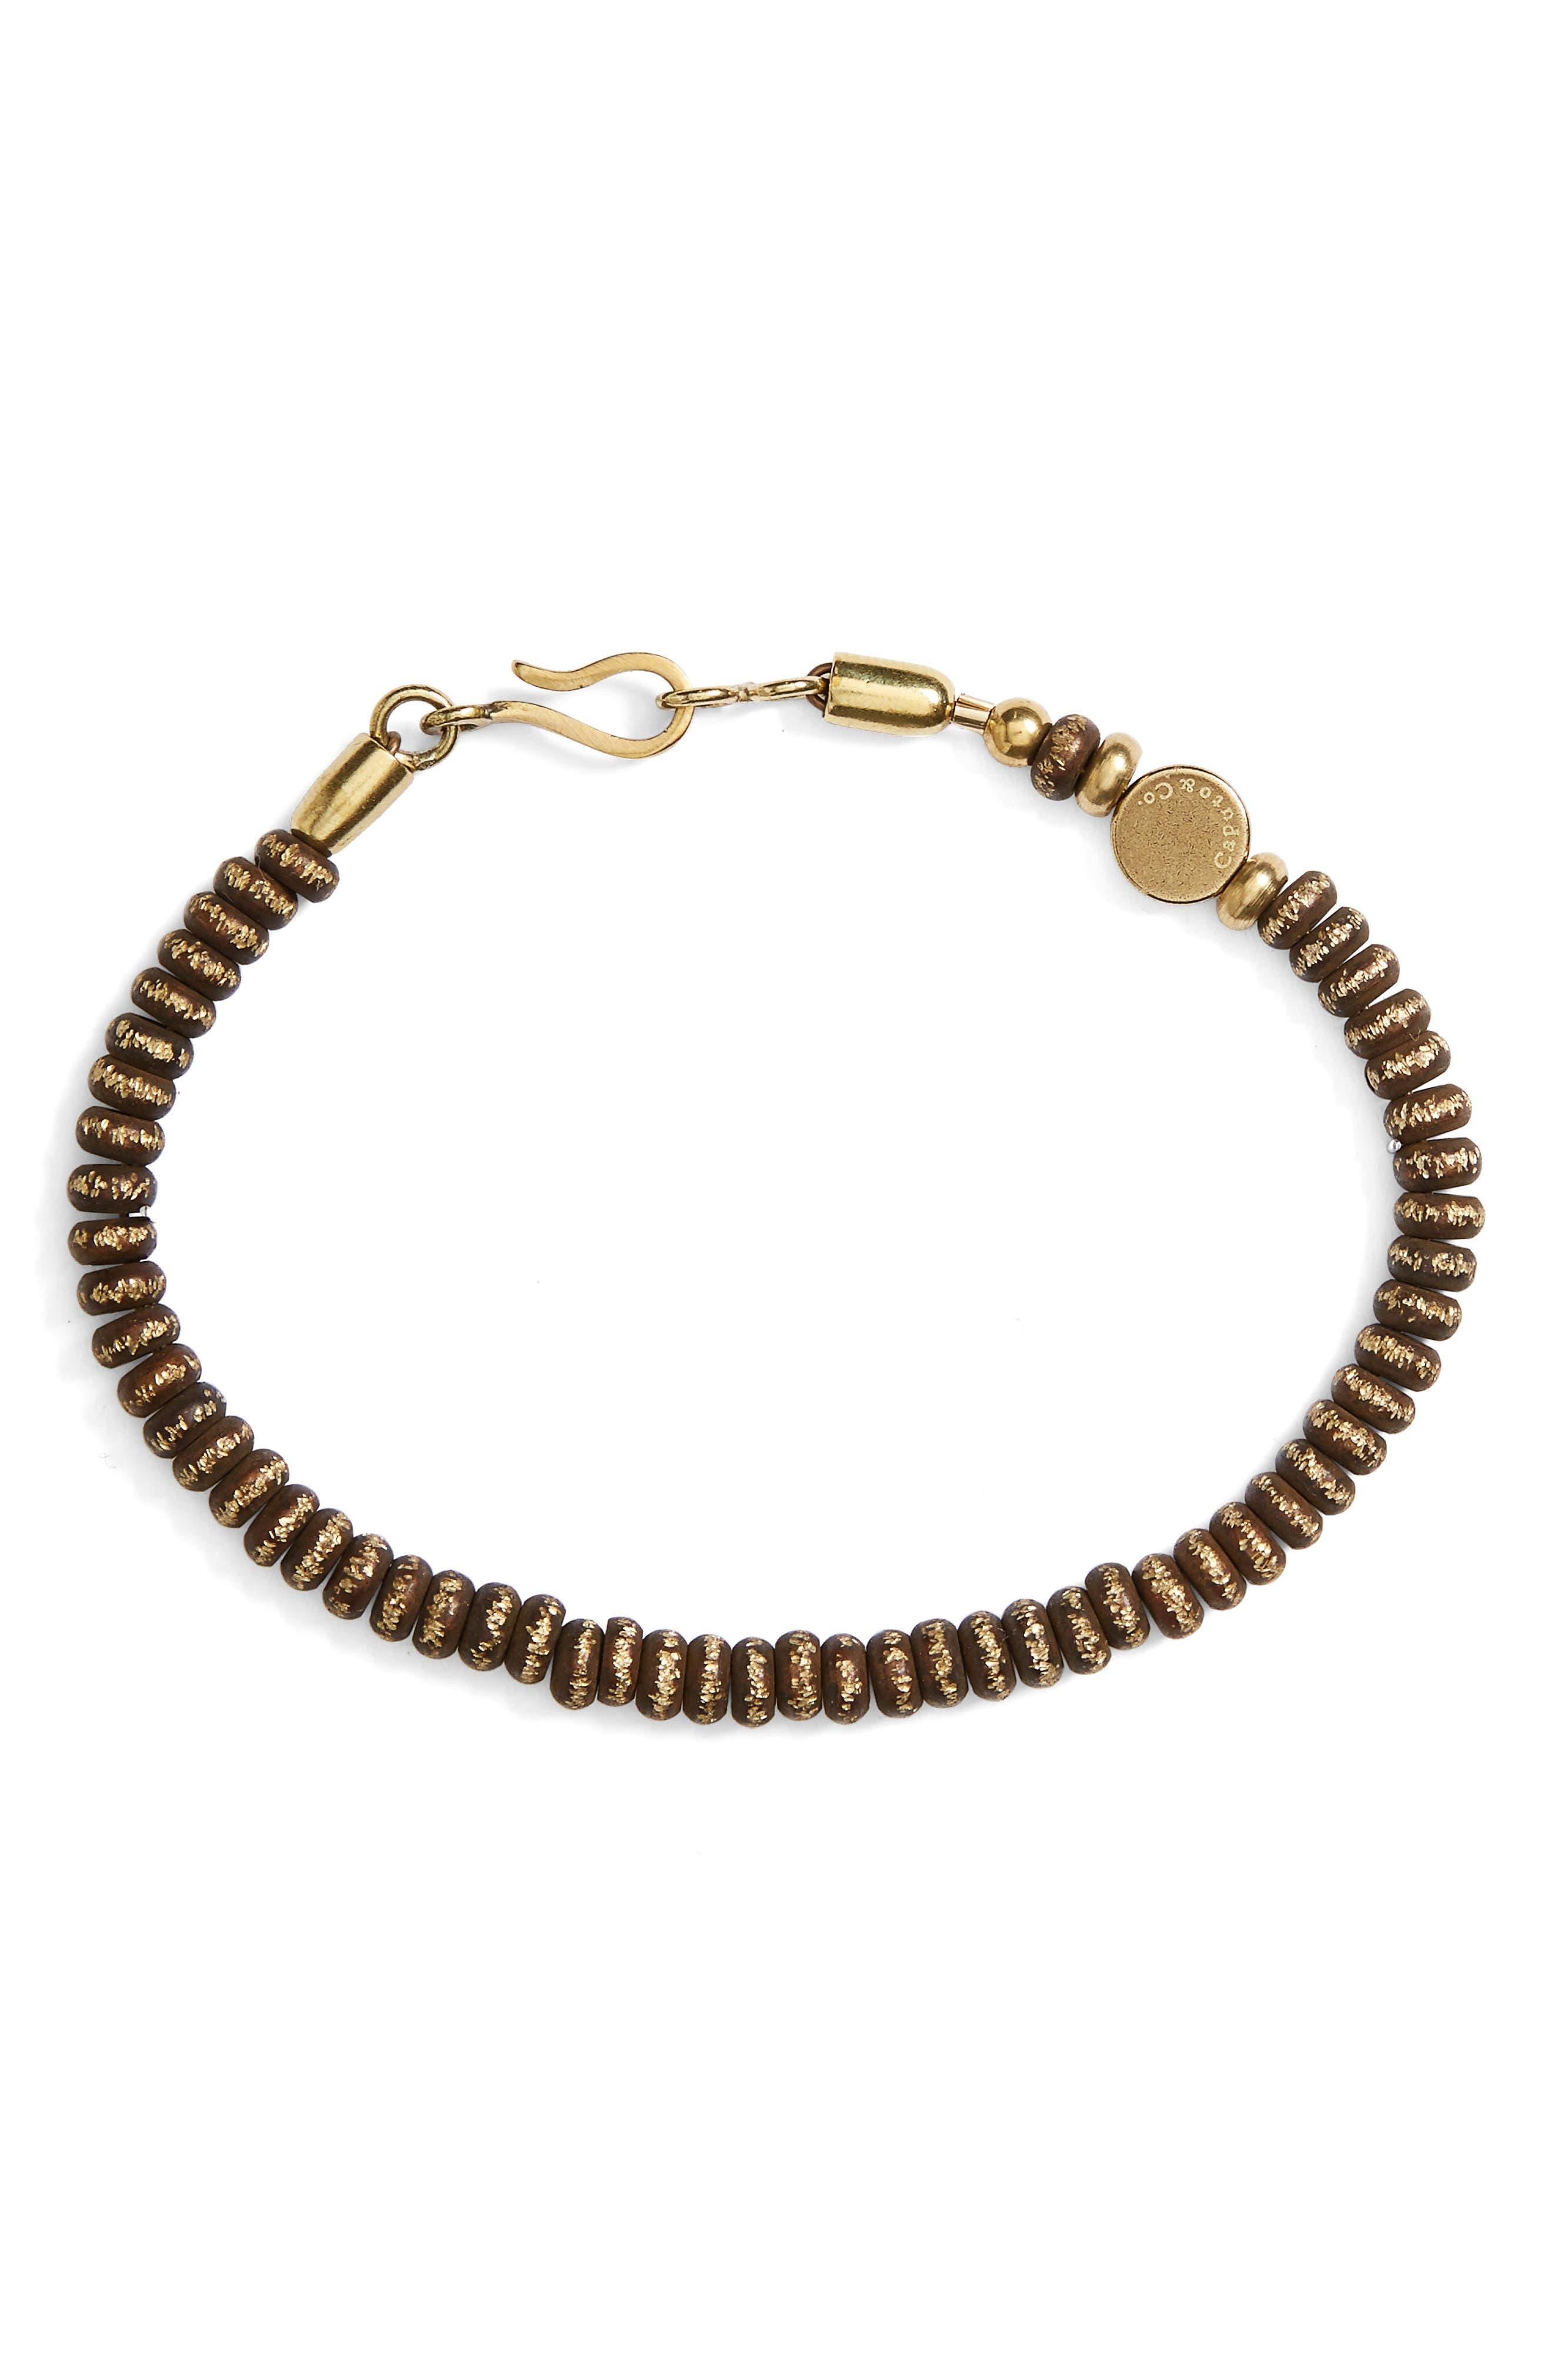 Alternate Image 1 Selected - Caputo & Co. Rondelle Brass Bead Bracelet